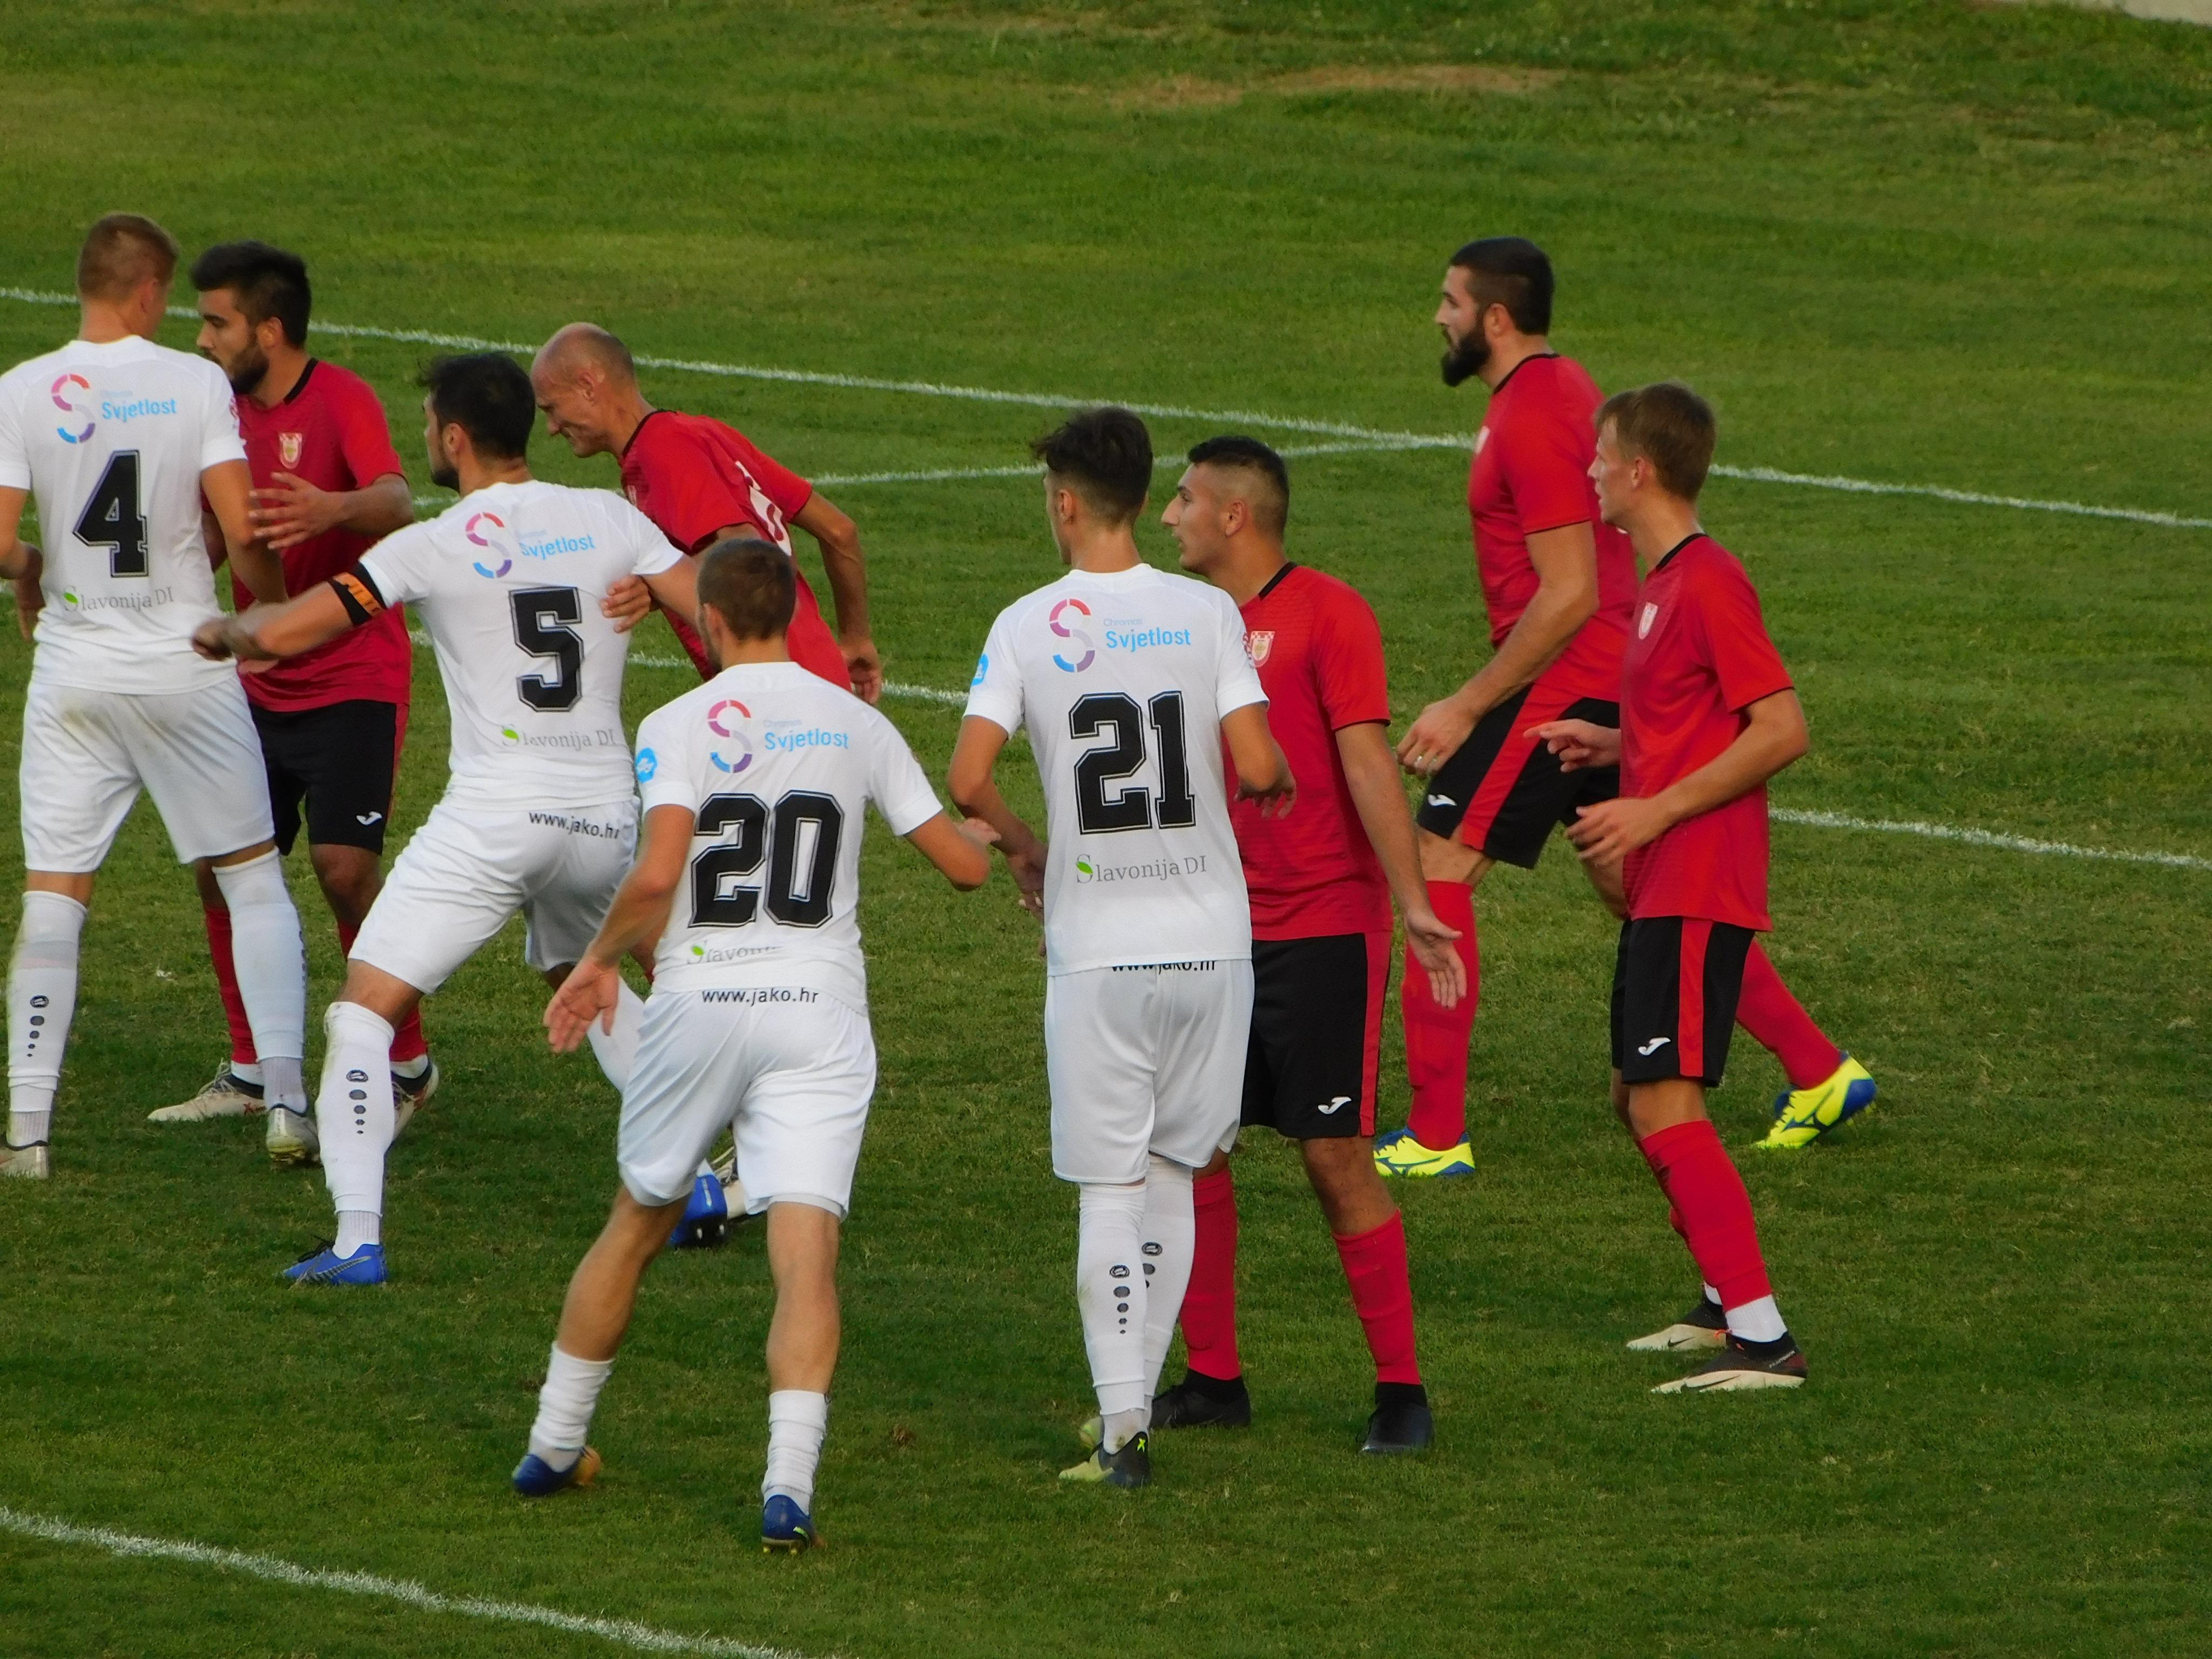 Pobjeda Marsonije protiv Slavonca u tvrdoj utakmici